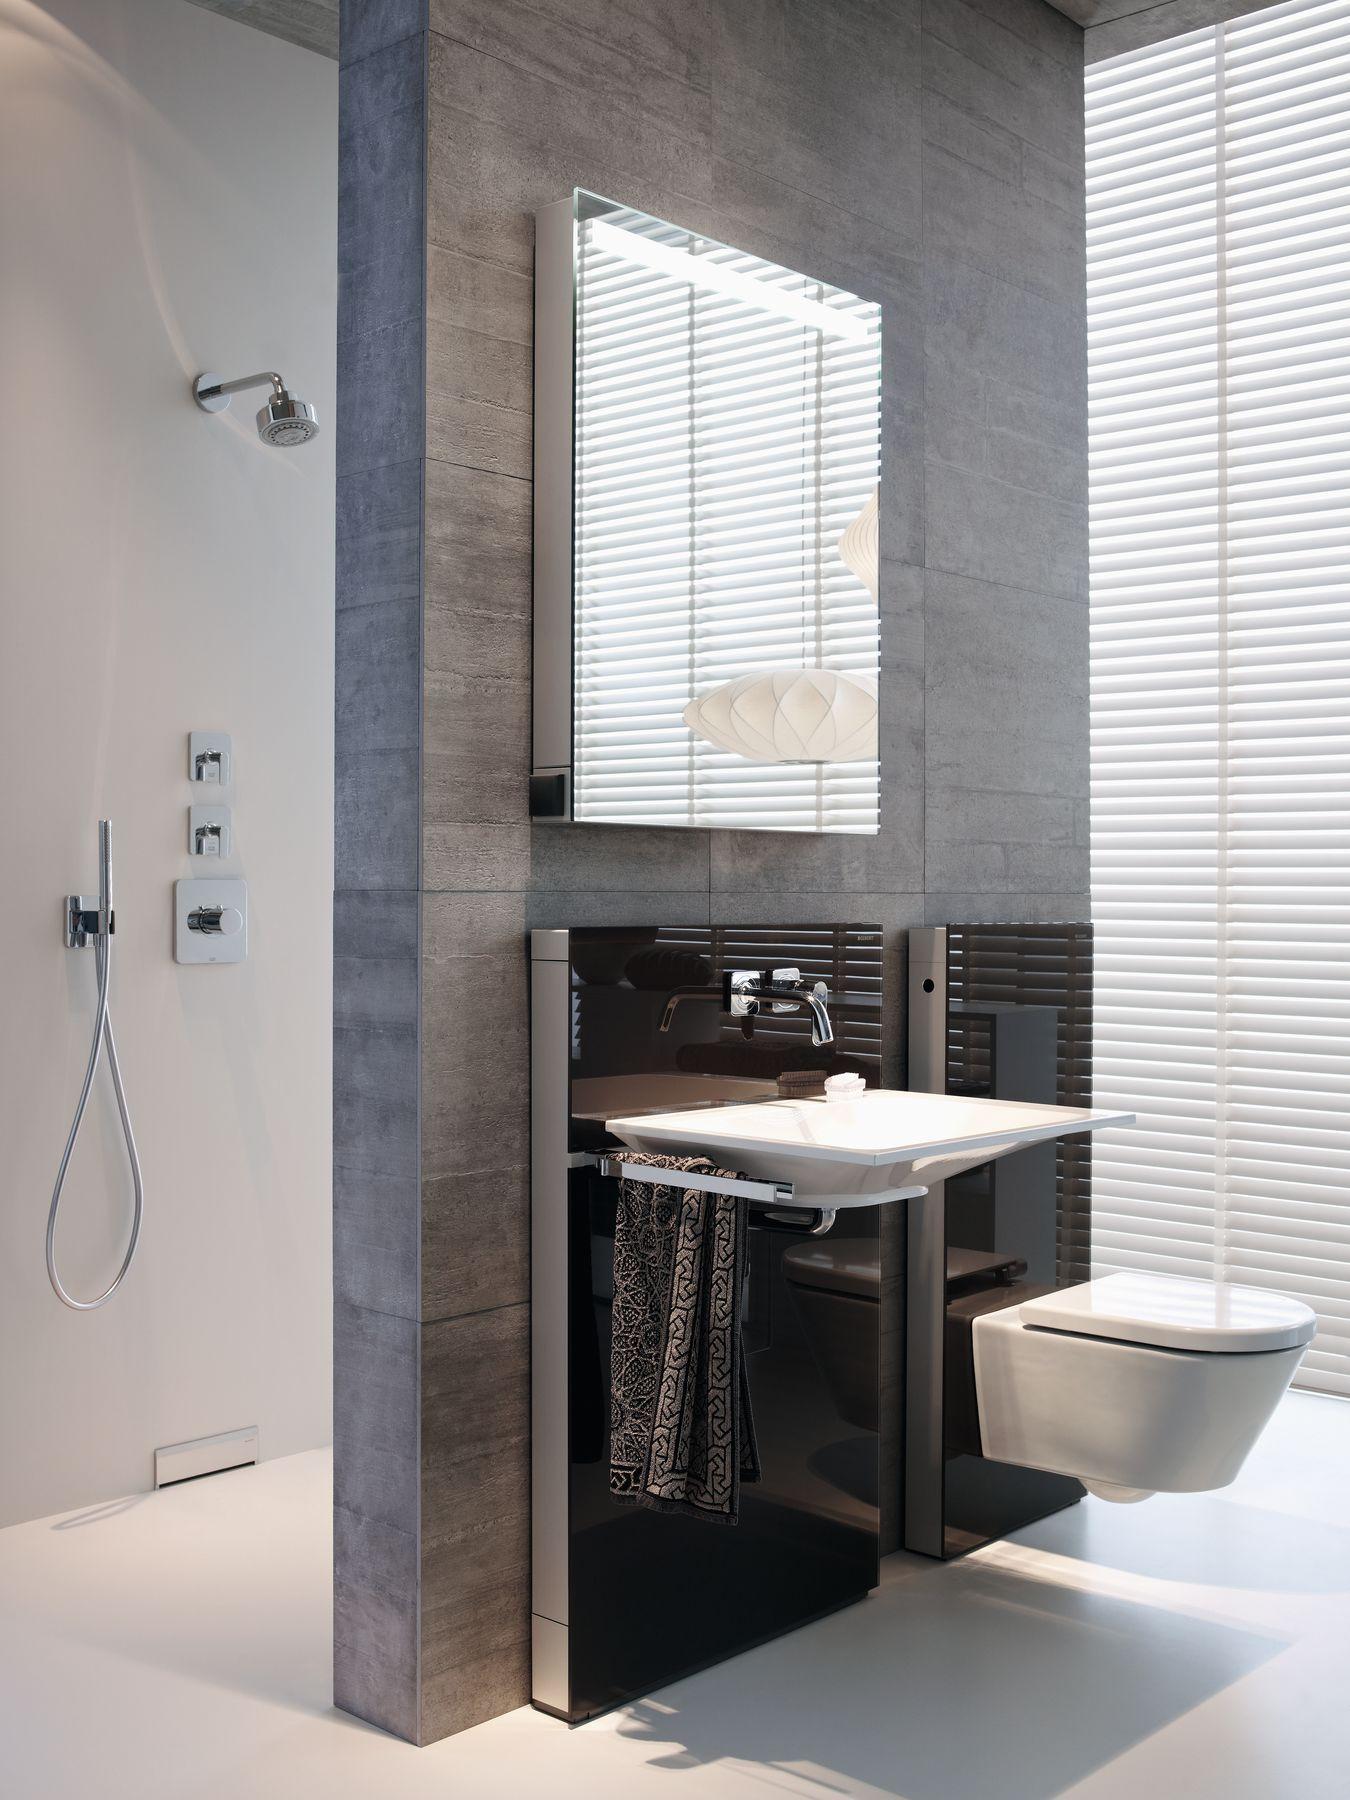 Badkamer met Geberit toilet en Monolith design-module. Inloopdouche ...